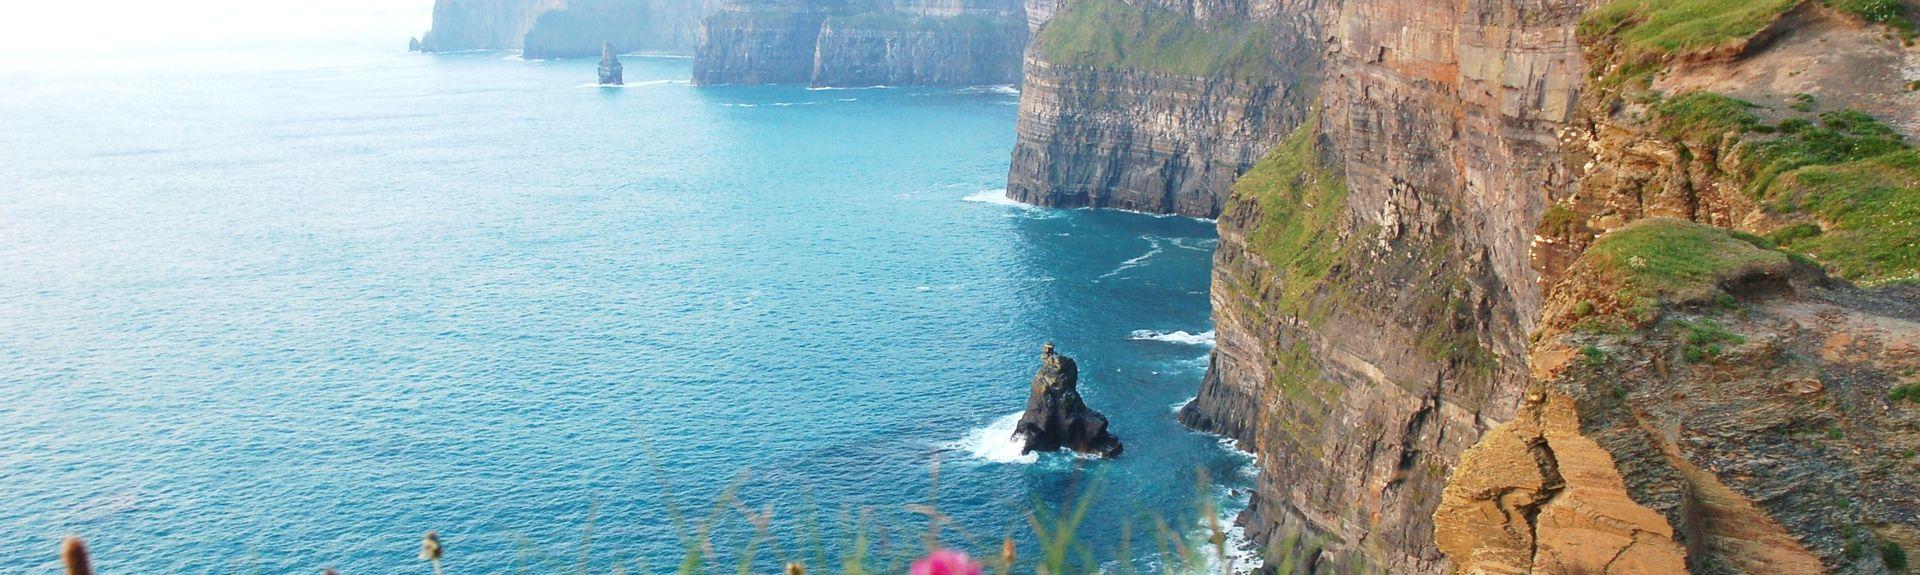 Fanore, Clare (graafschap), Ierland